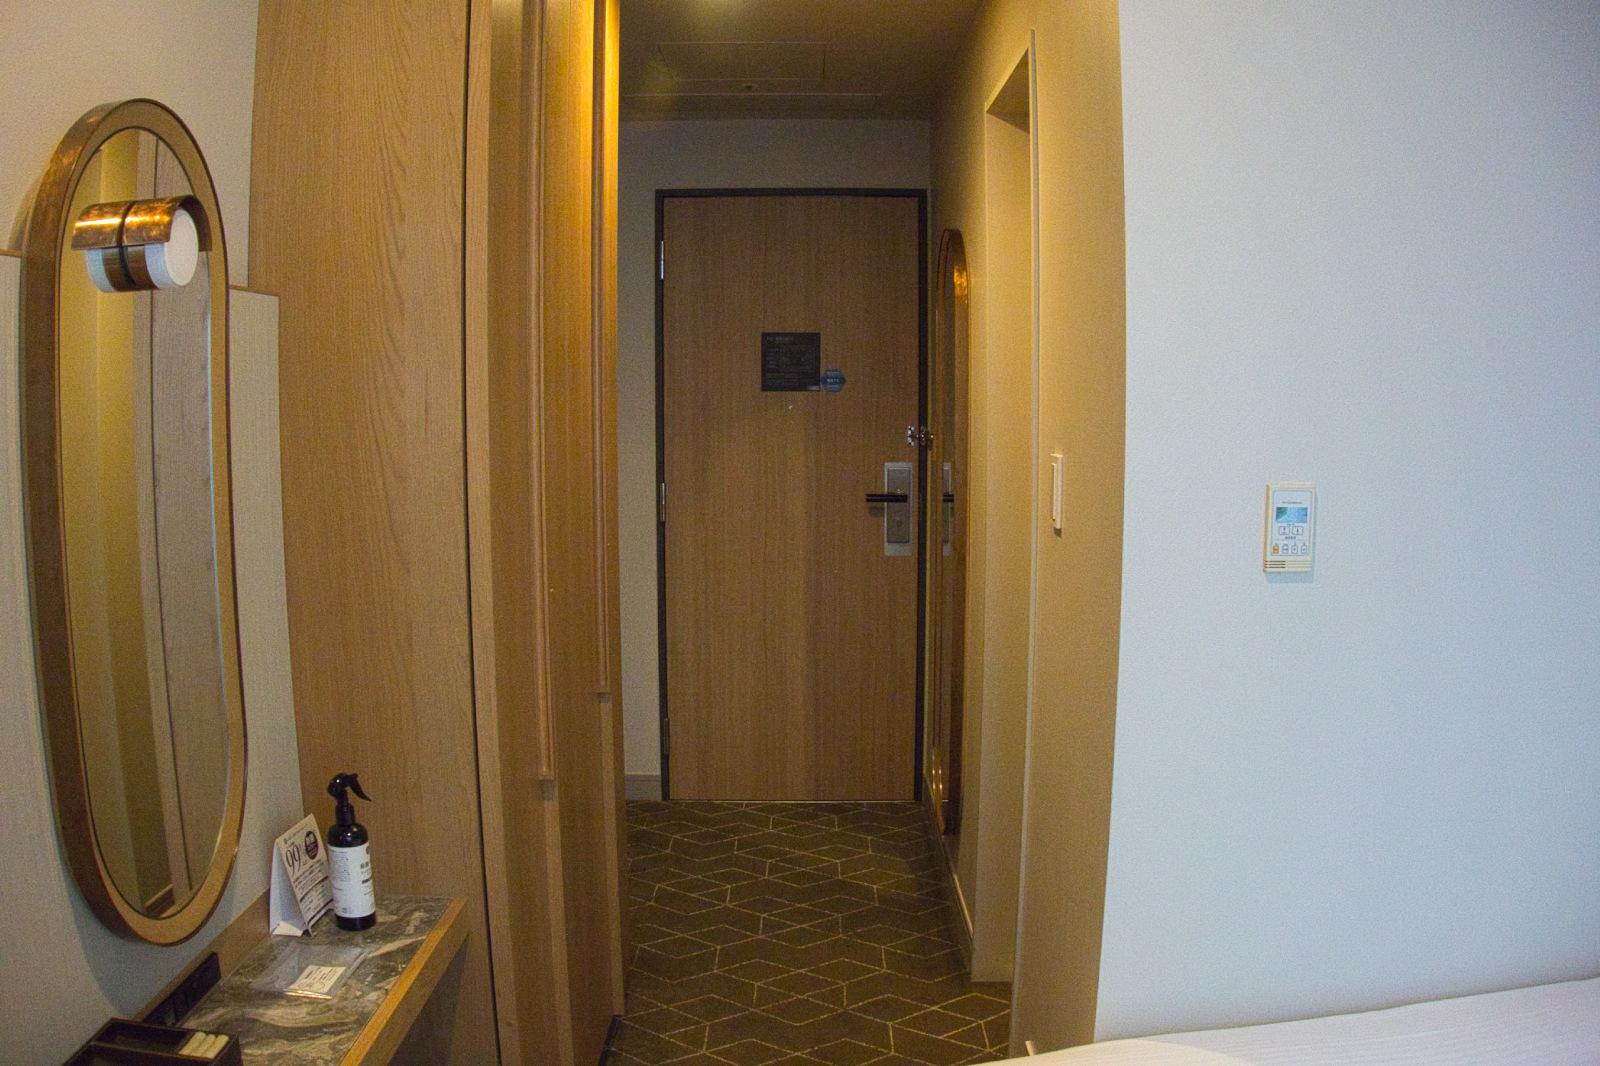 ホテル ザ セレスティン東京芝 モデレートクイーン客室